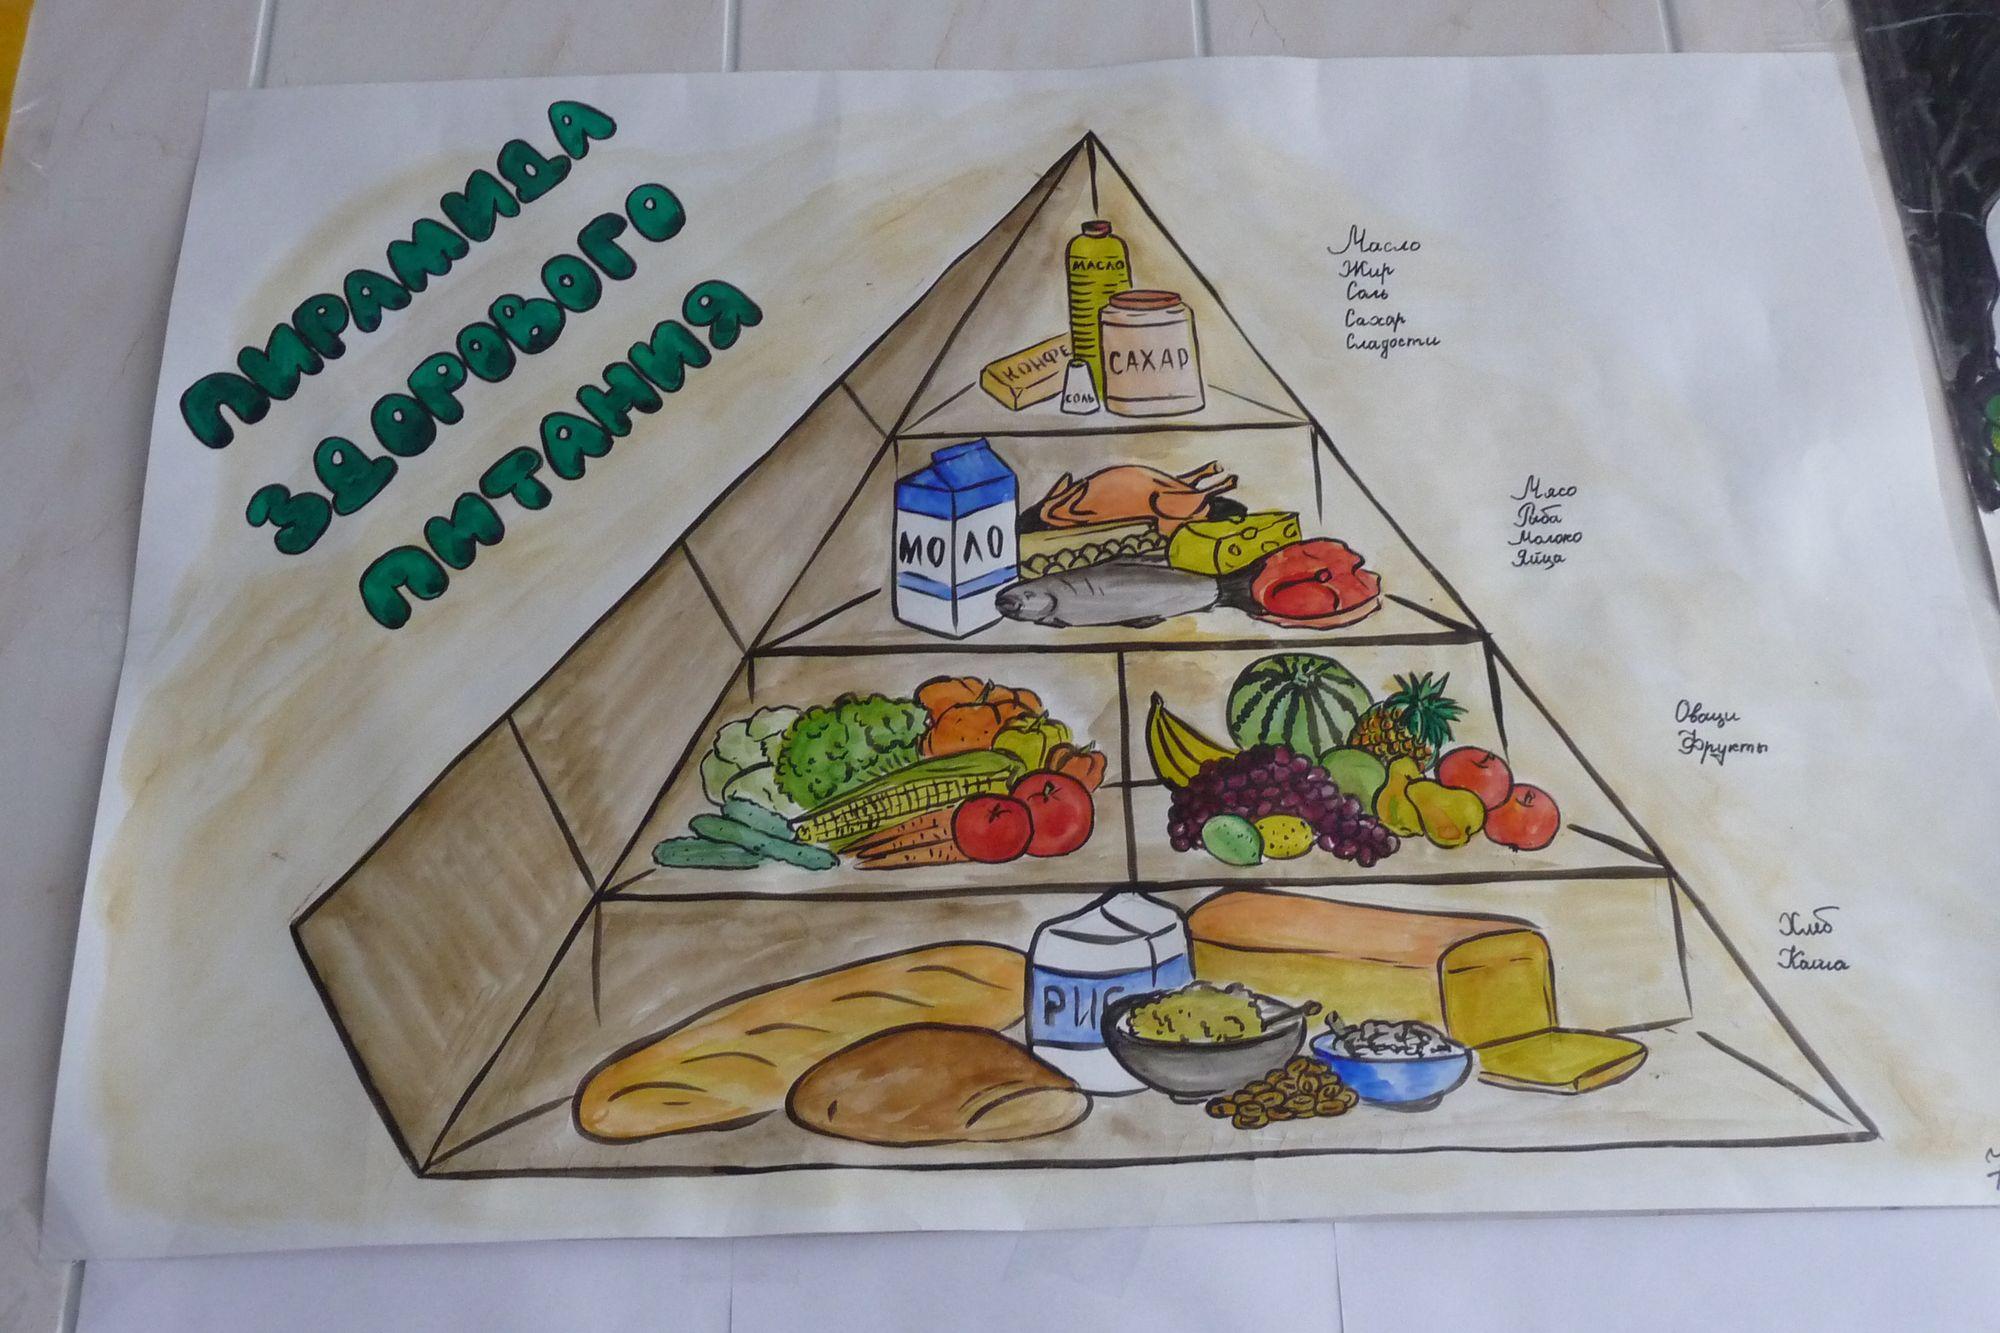 Картинки на тему здоровое питание для детей, открытка днем рождения